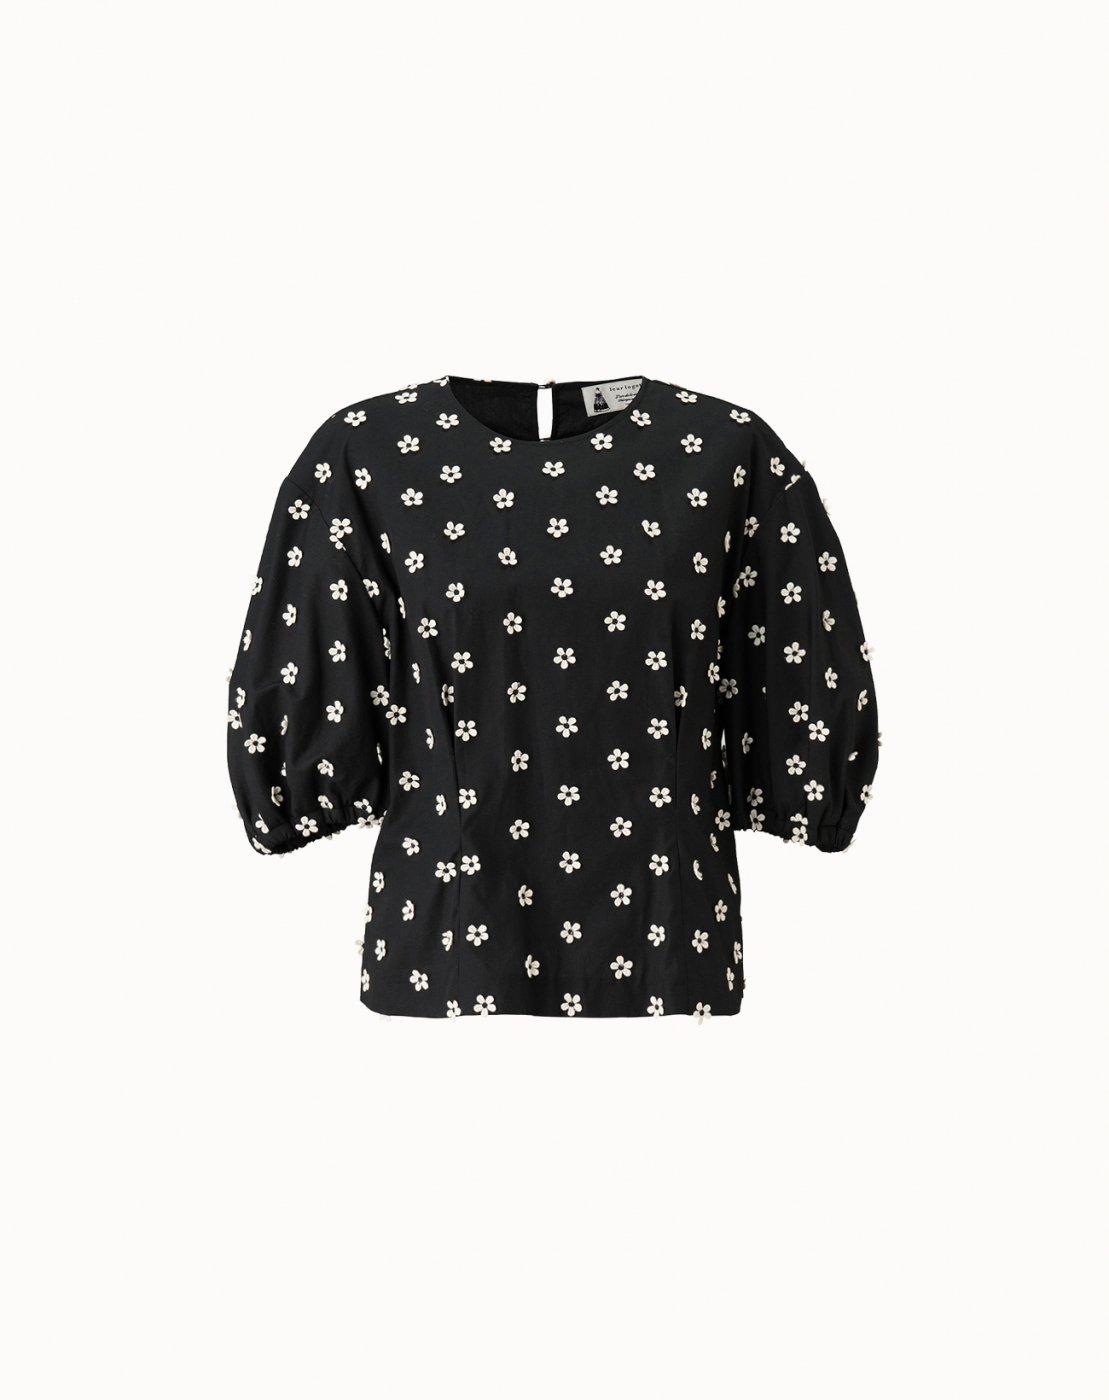 leur logette - Motif Embroidery Blouse - Black